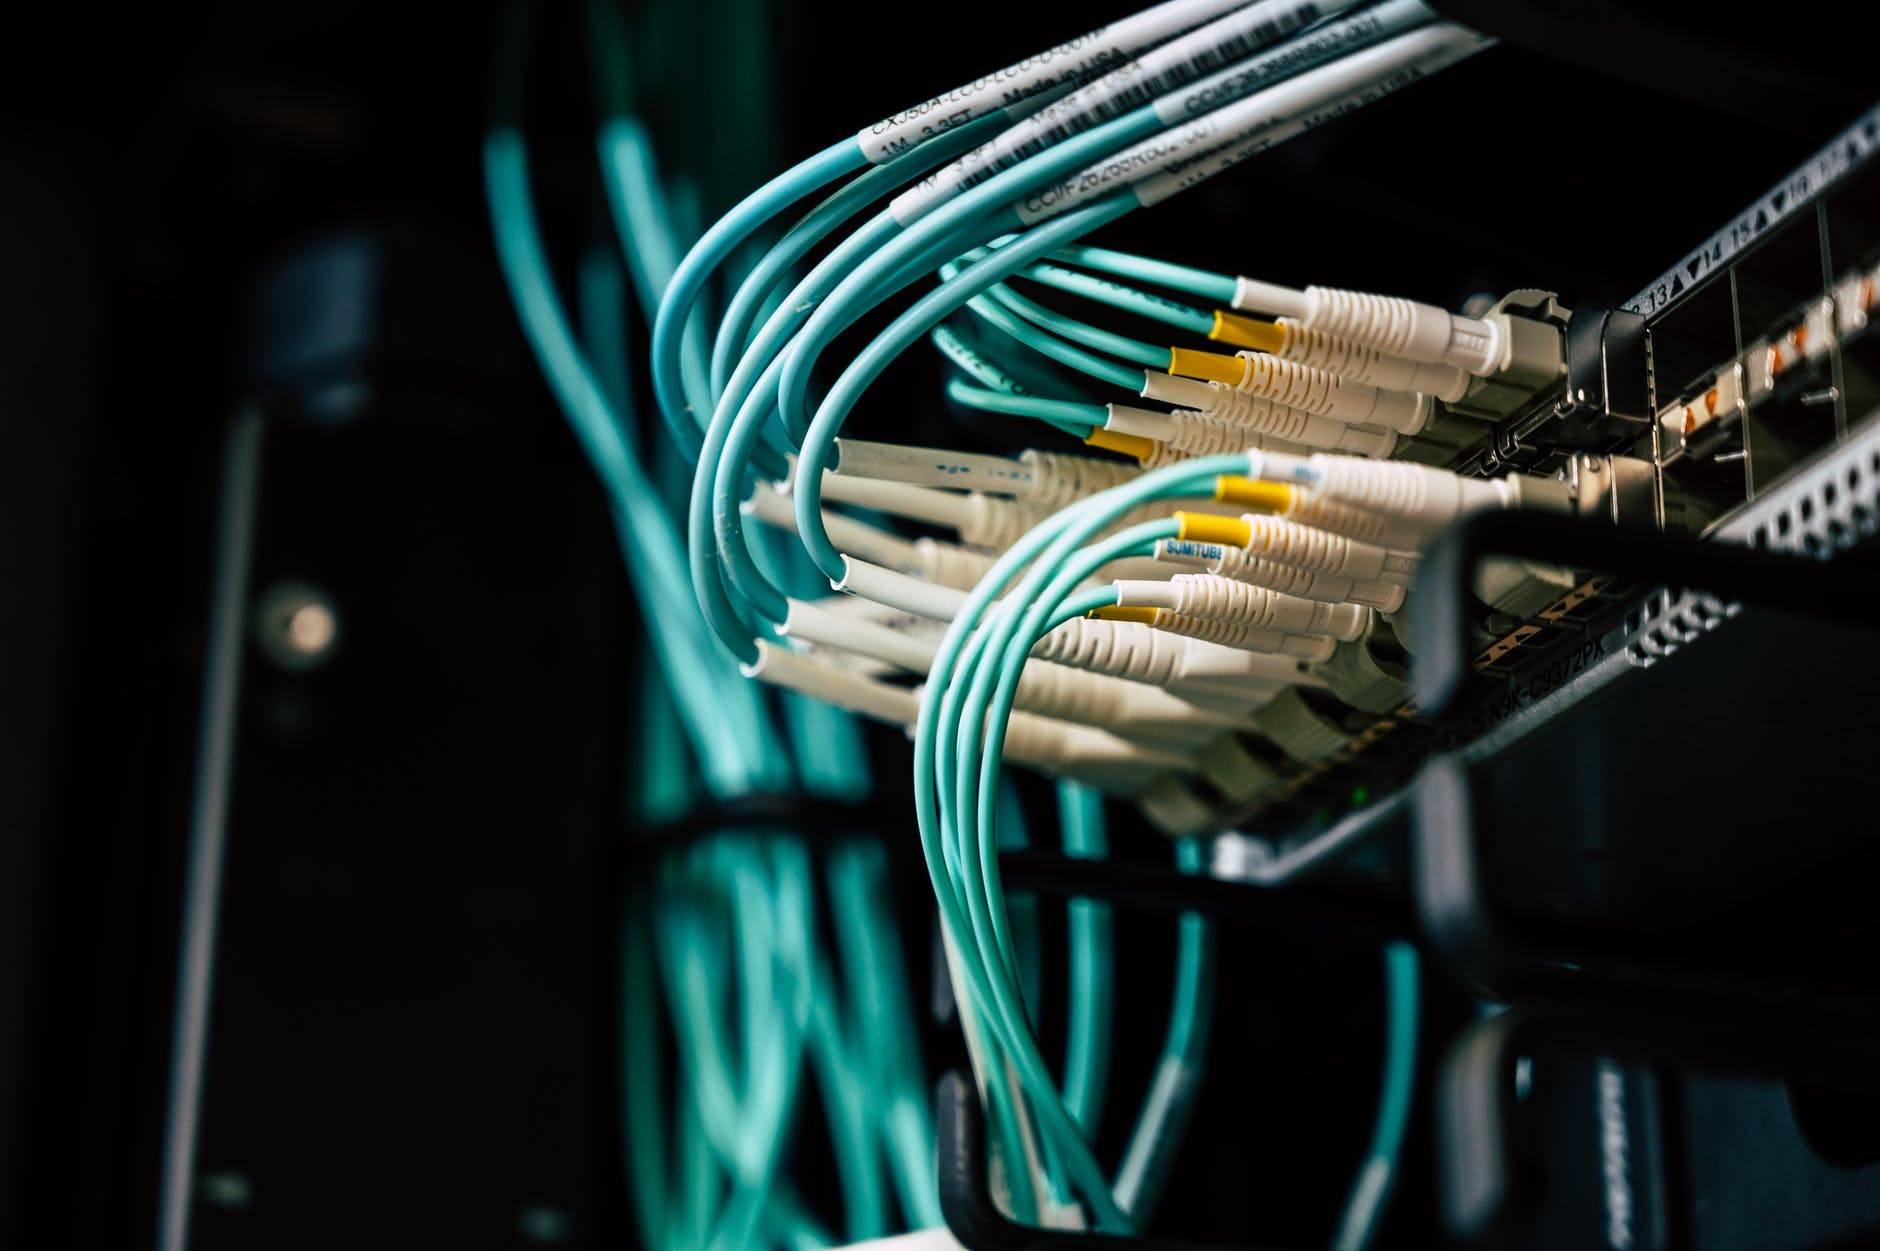 La fibra Wind non funziona: Scopri come segnalare il problema ed ottenere il tuo risarcimento